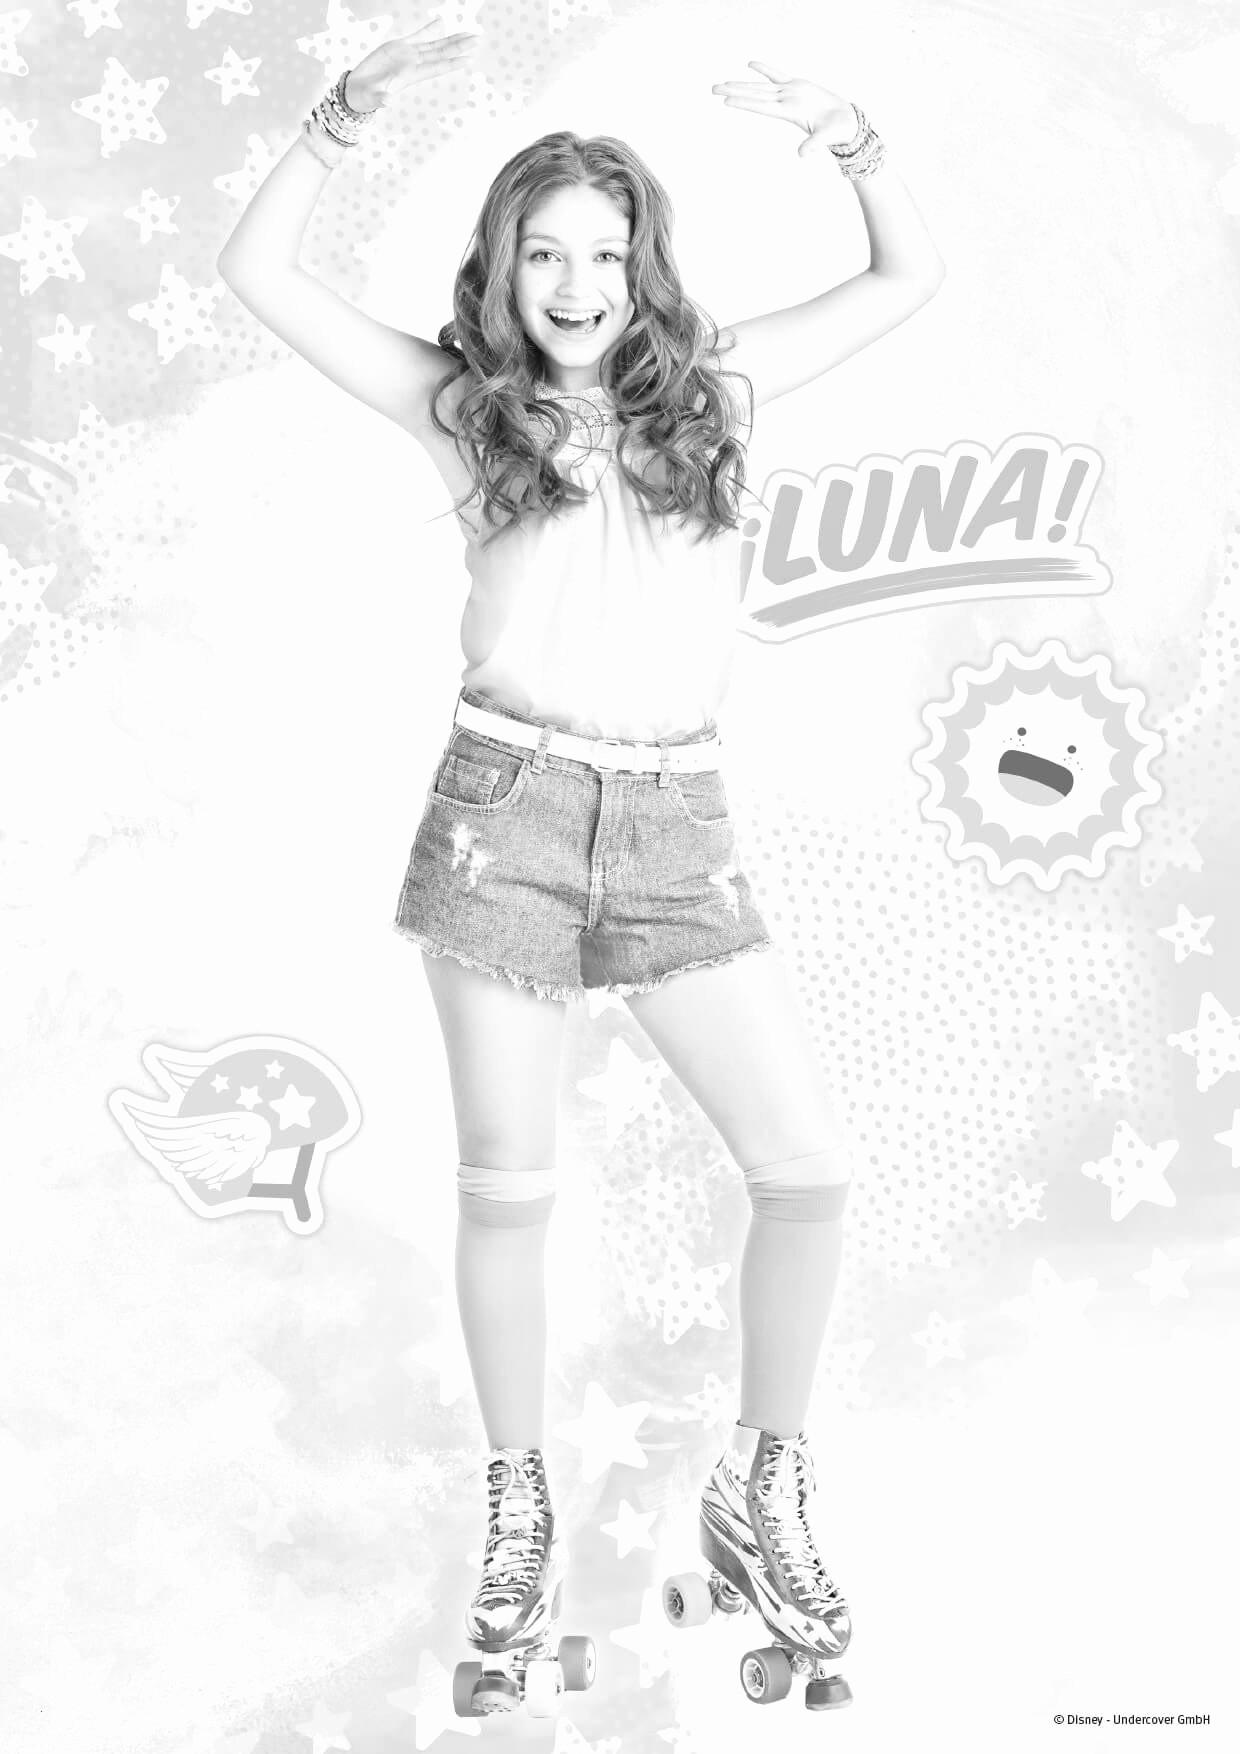 Soy Luna Bilder Zum Ausmalen Einzigartig soy Luna A Imprimer élégant 35 soy Luna Ausmalbilder Scoredatscore Fotos